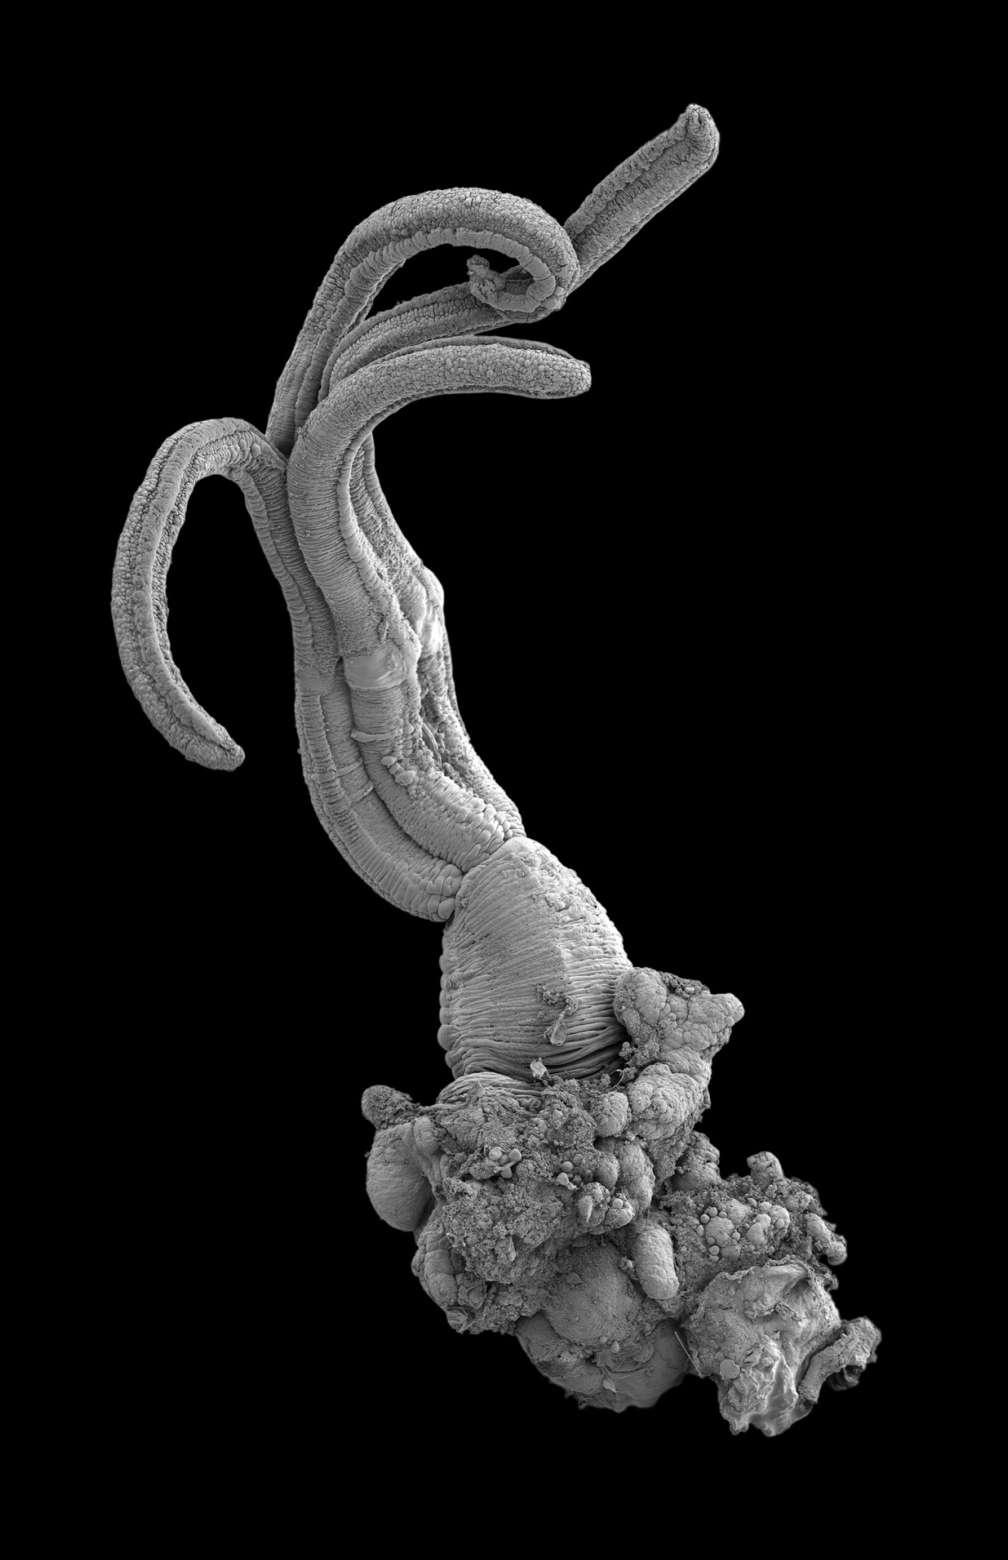 Cet étrange ver du genre Osedax, ici au microscope électronique, utilise son extrémité en forme de racine (en bas sur l'image) pour sécréter un acide qui va digérer les os des squelettes des baleines gisant au fond des mers. © Adrian Glover